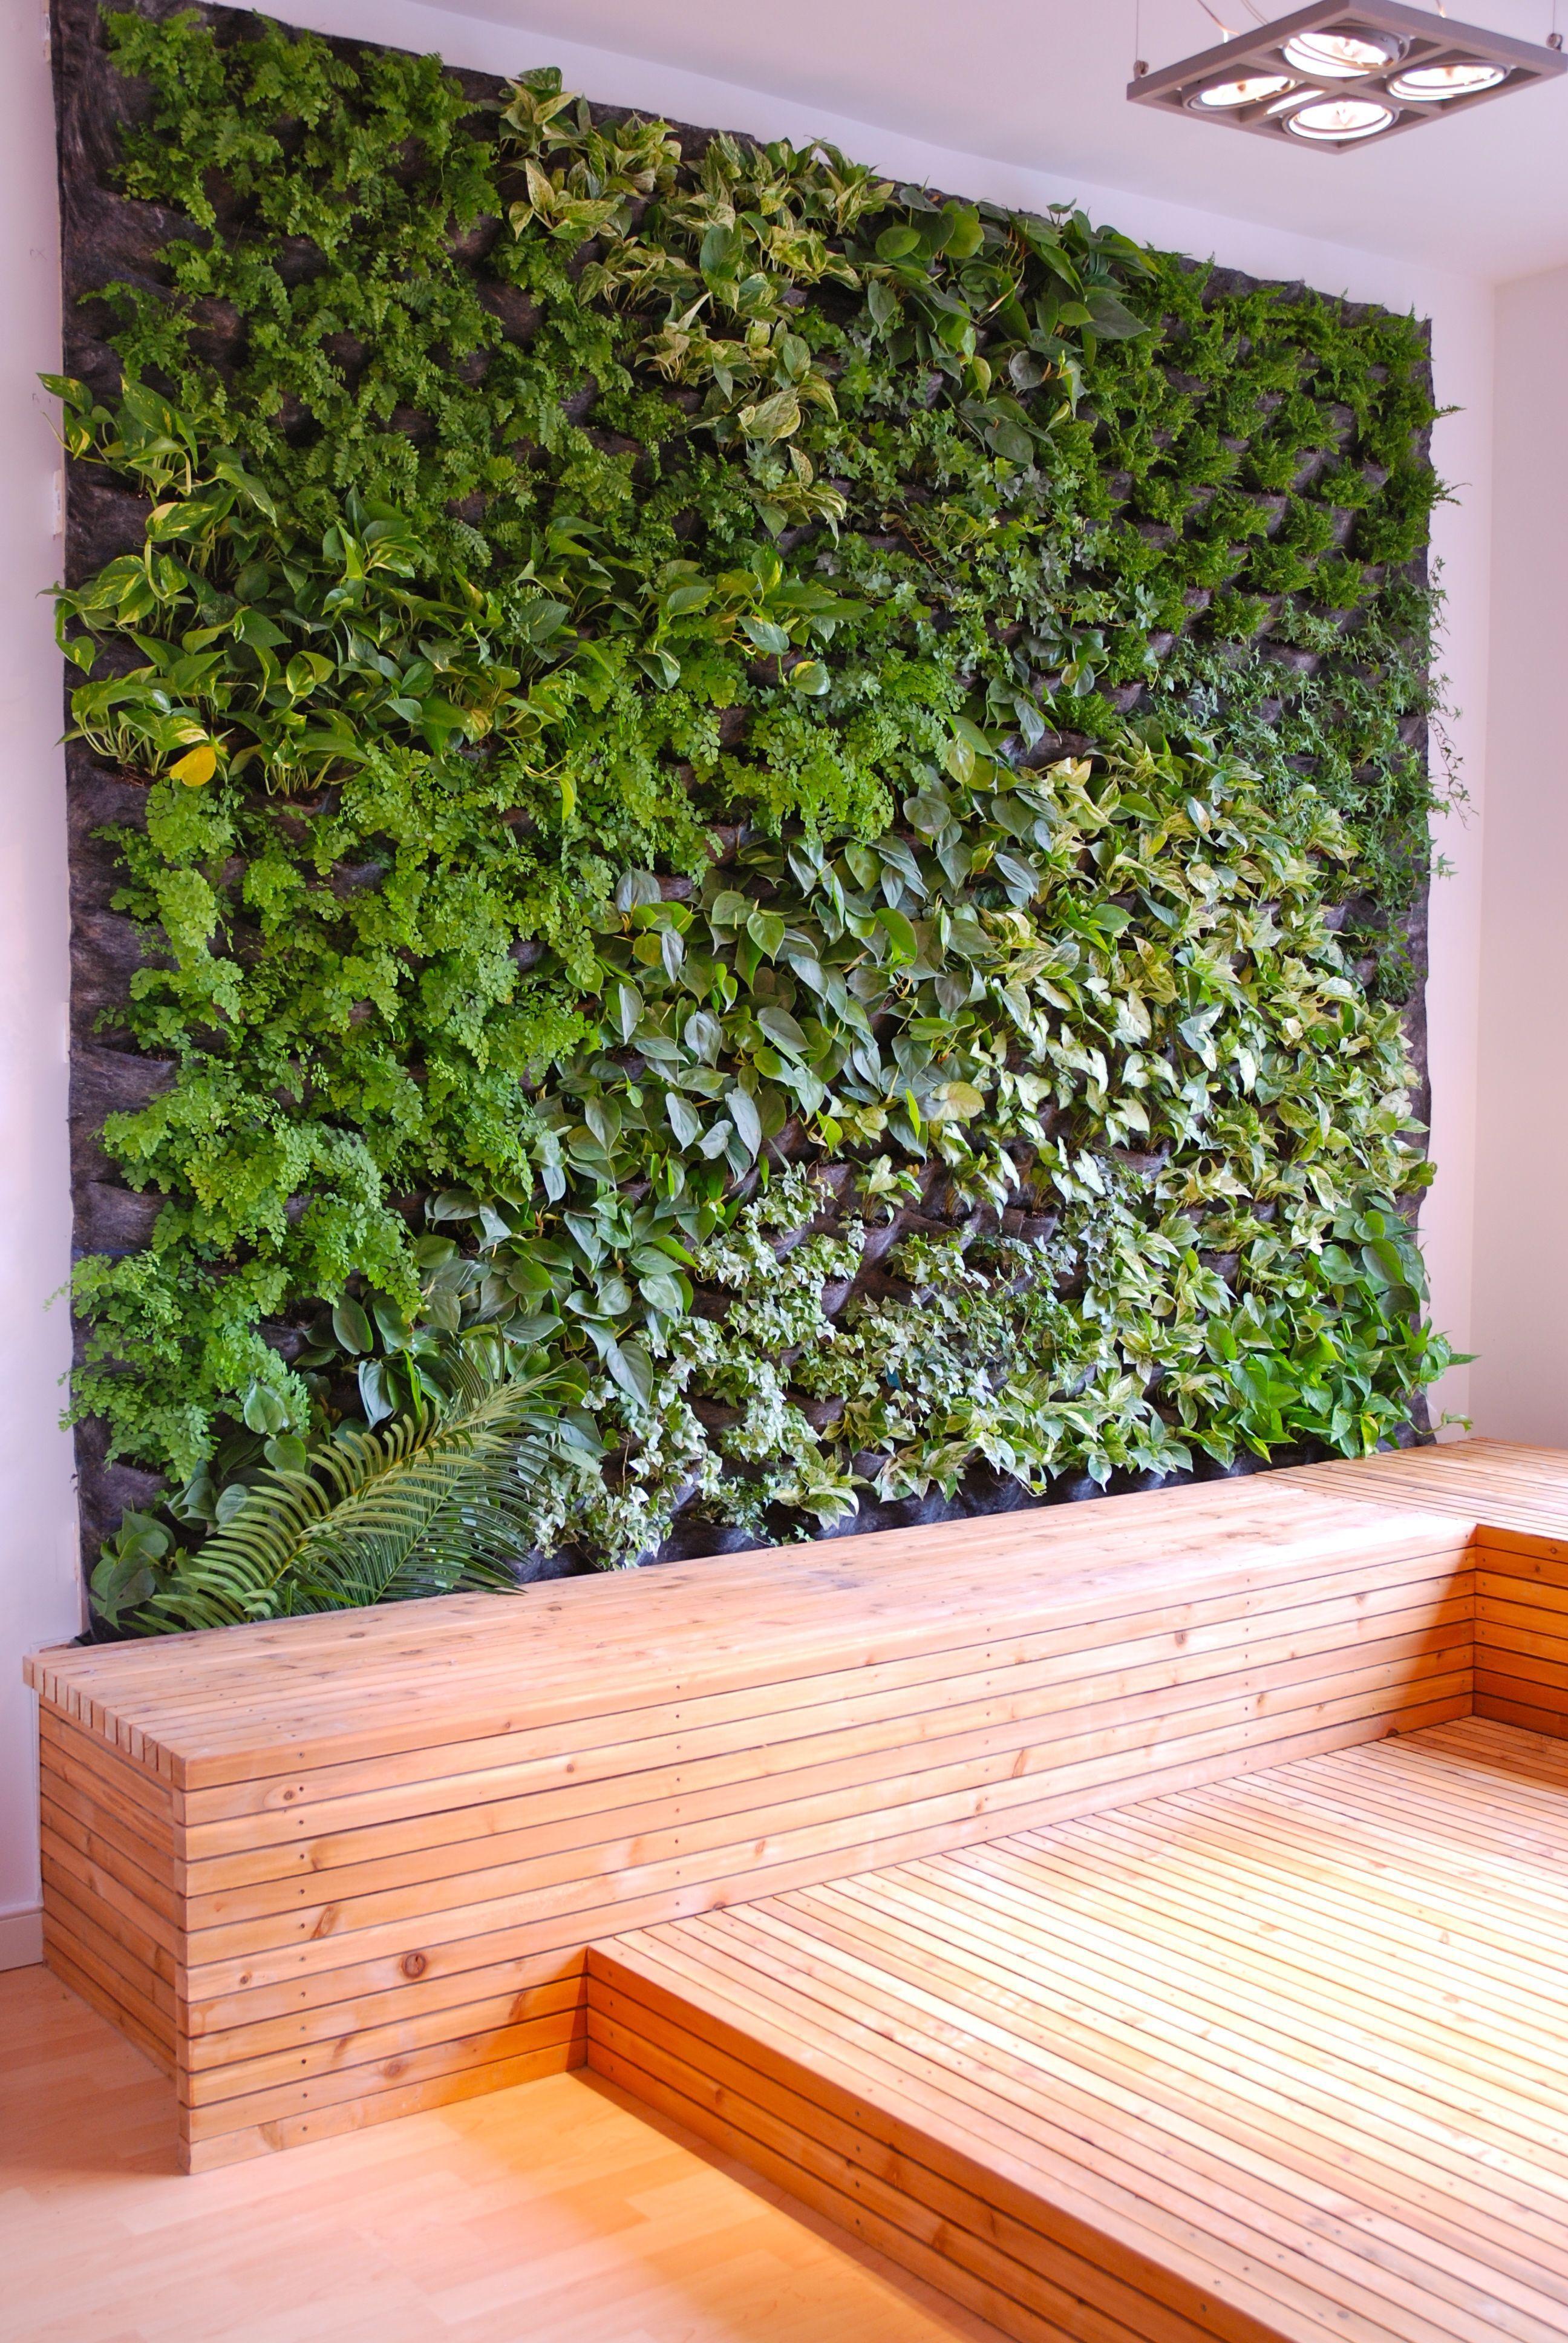 30 Diy Vertical Garden Design Ideas For Your Home Vertical